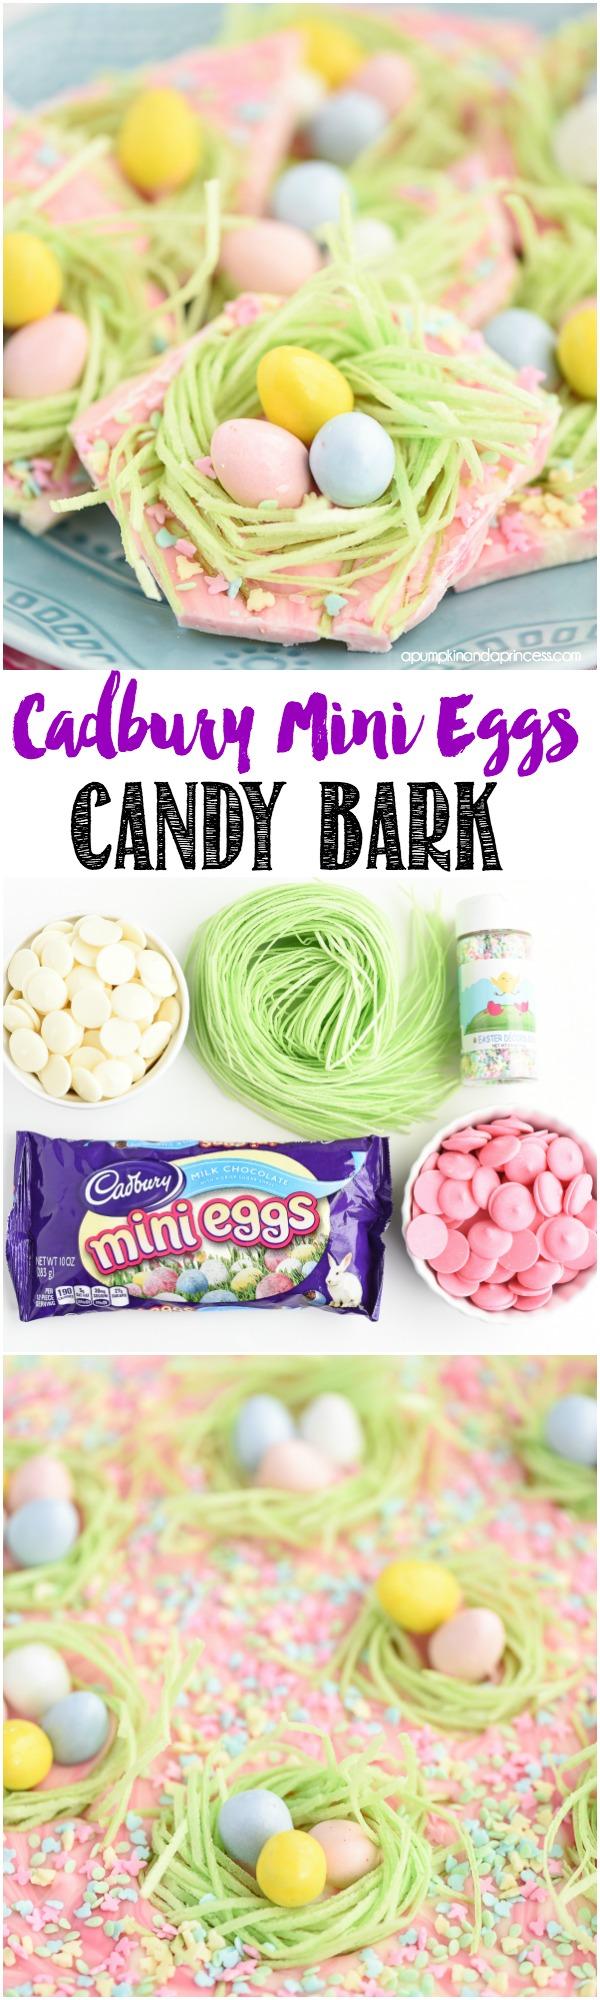 Large Of Cadbury Mini Eggs